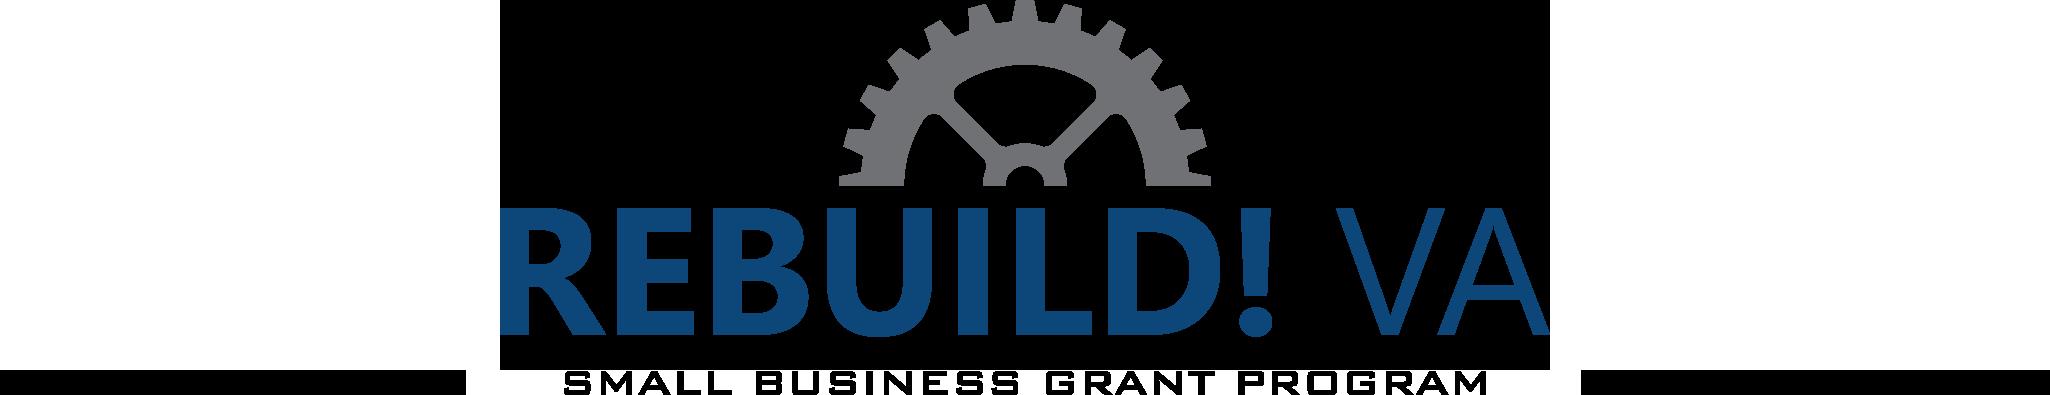 REBUILD VA GRANT ASSISTANCE